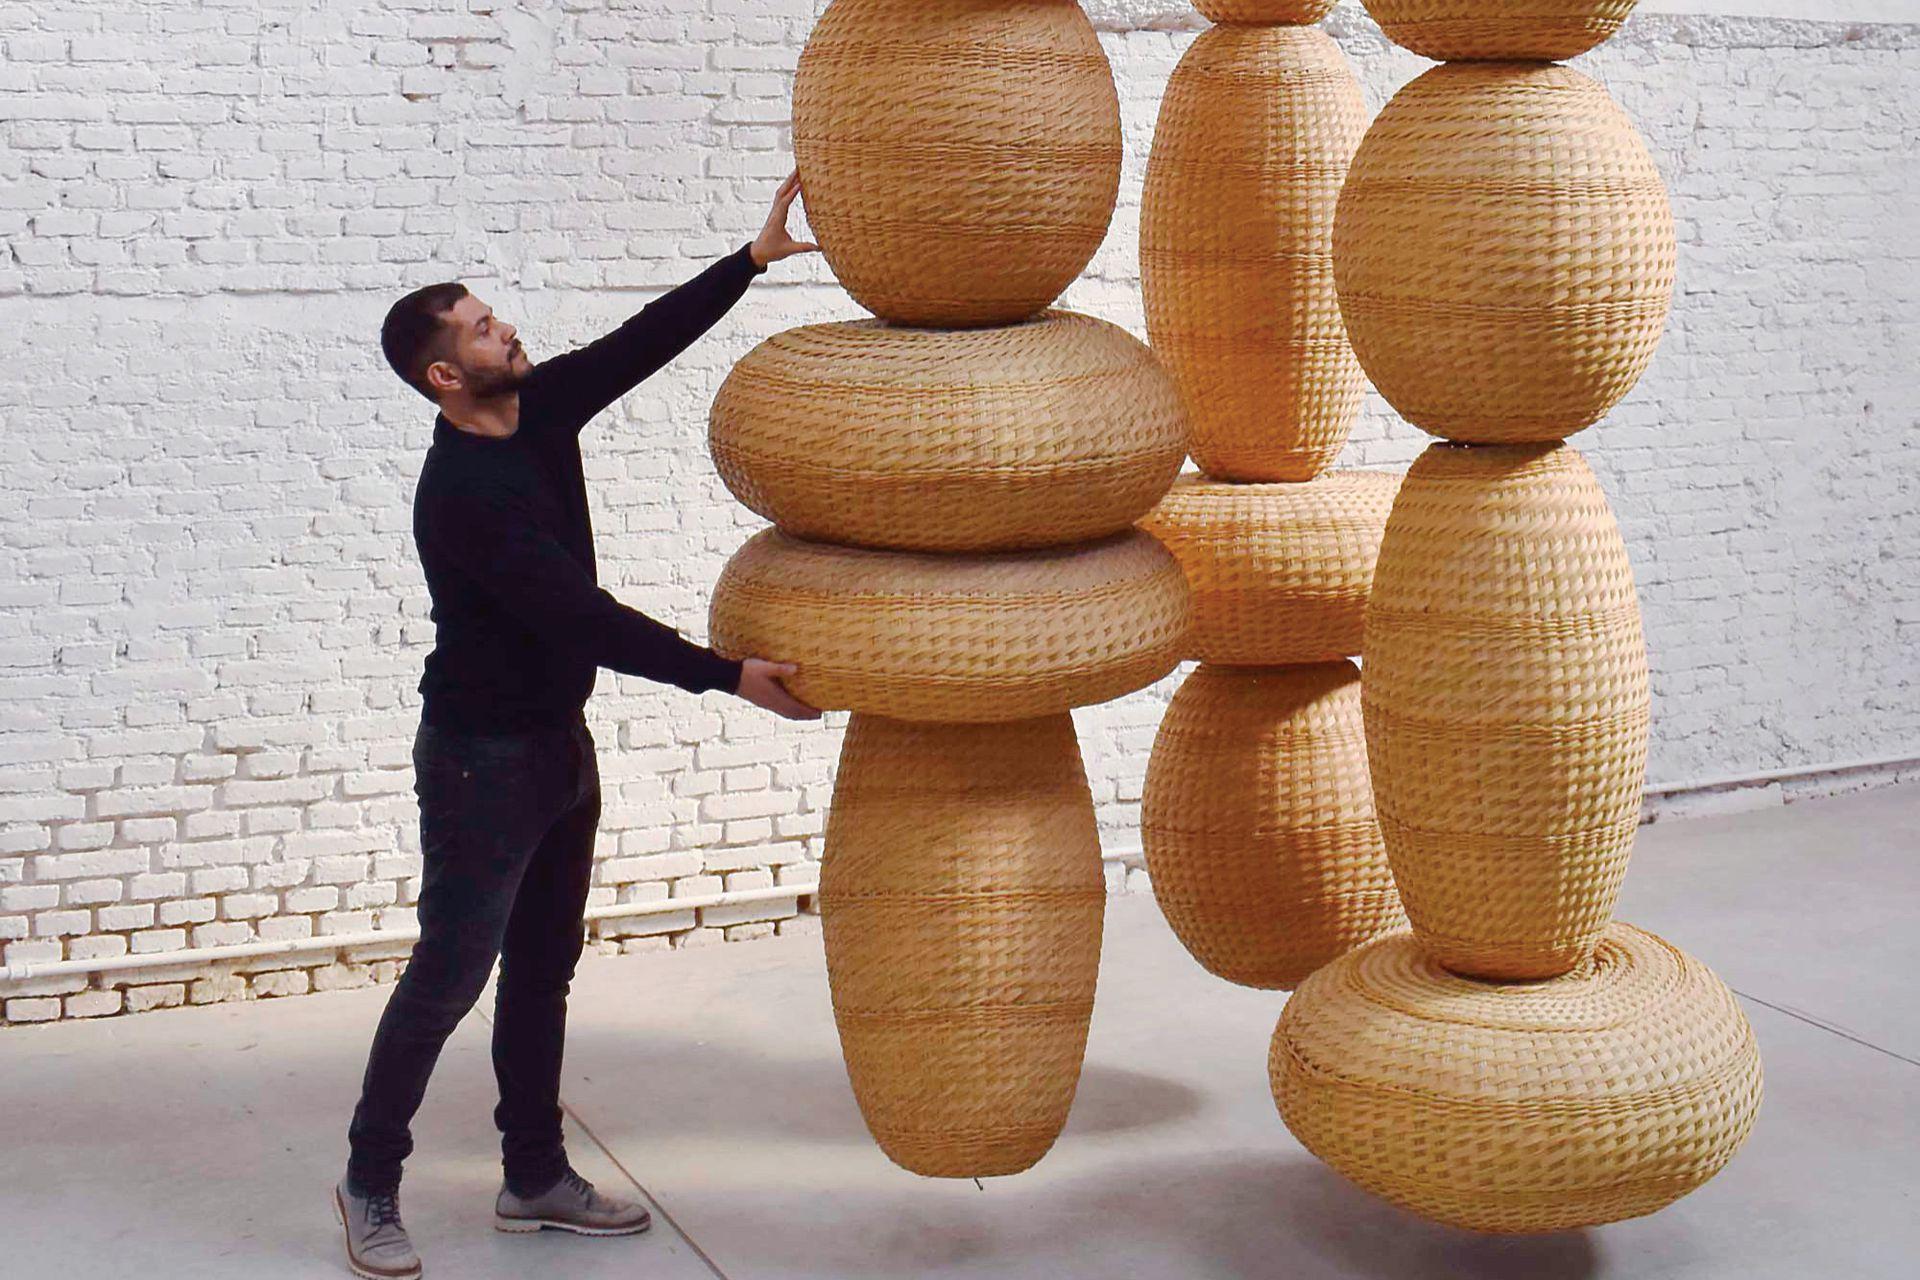 Presentó la cestería con simbol como instalación el año pasado, en una galería de arte londinense. ¿El tema? Materialidad, historia, técnica y tradición artesanal argentina.